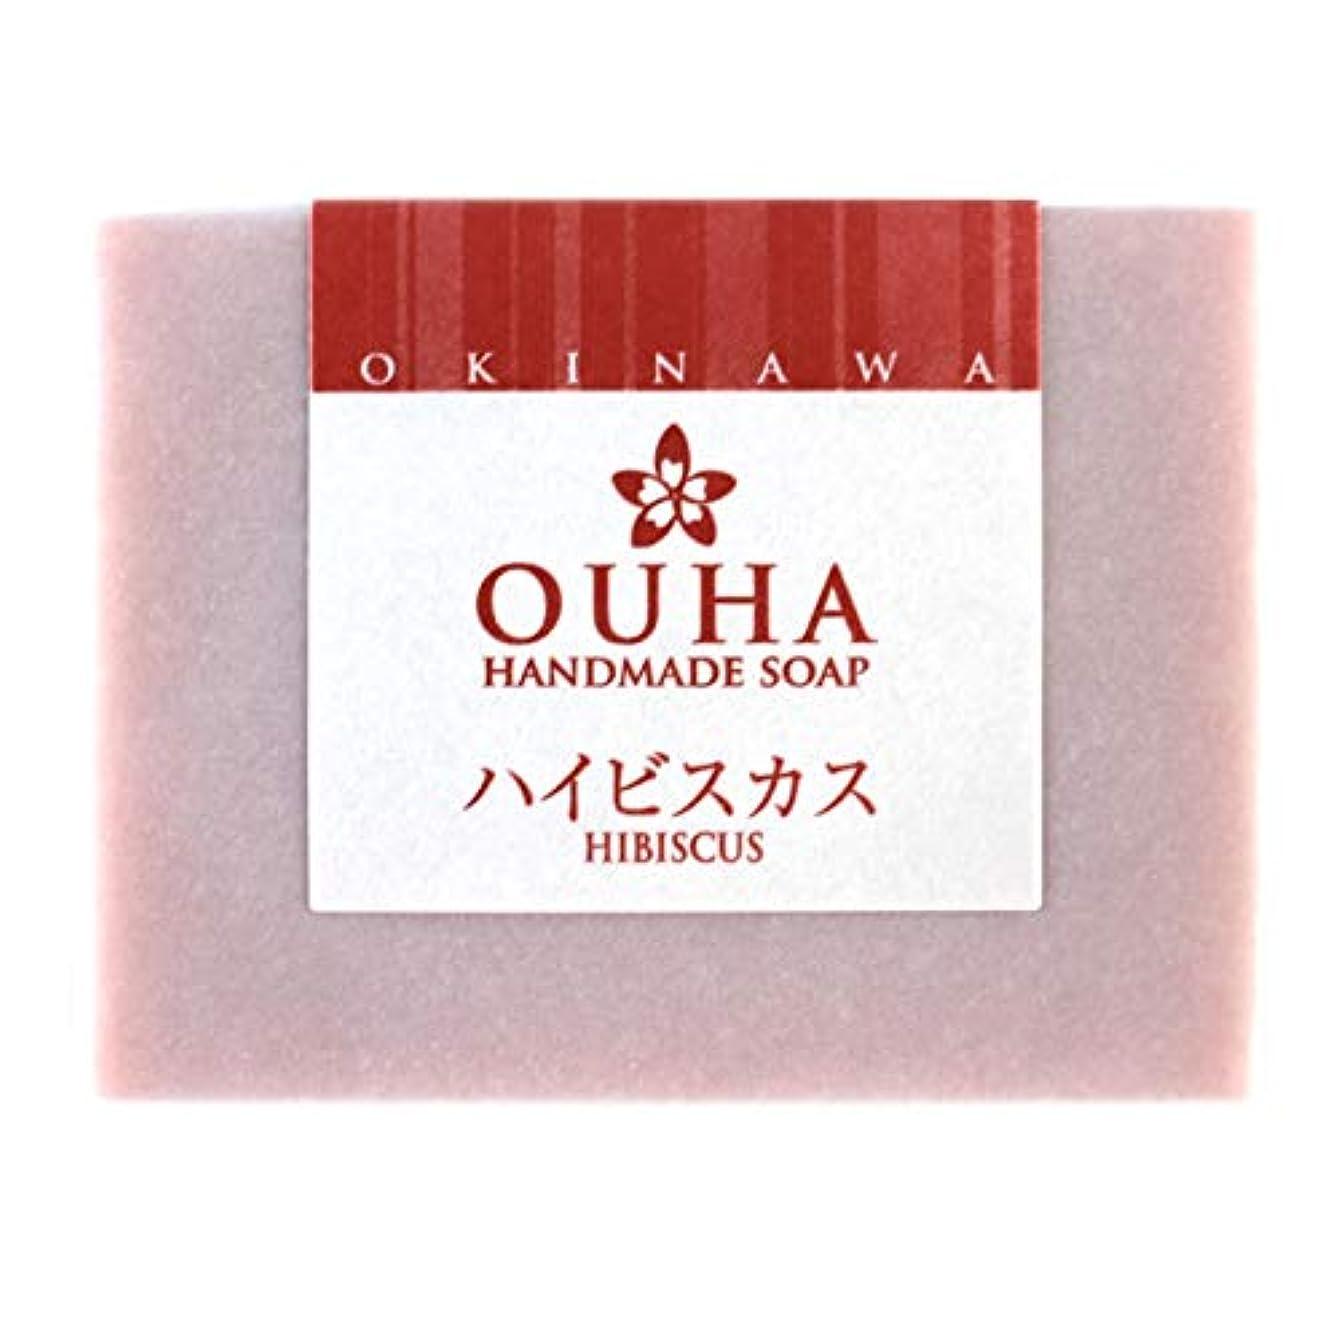 玉ねぎ権威明らかにする沖縄手作り洗顔せっけん OUHAソープ ハイビスカス 100g×3個 保湿 ビタミンC